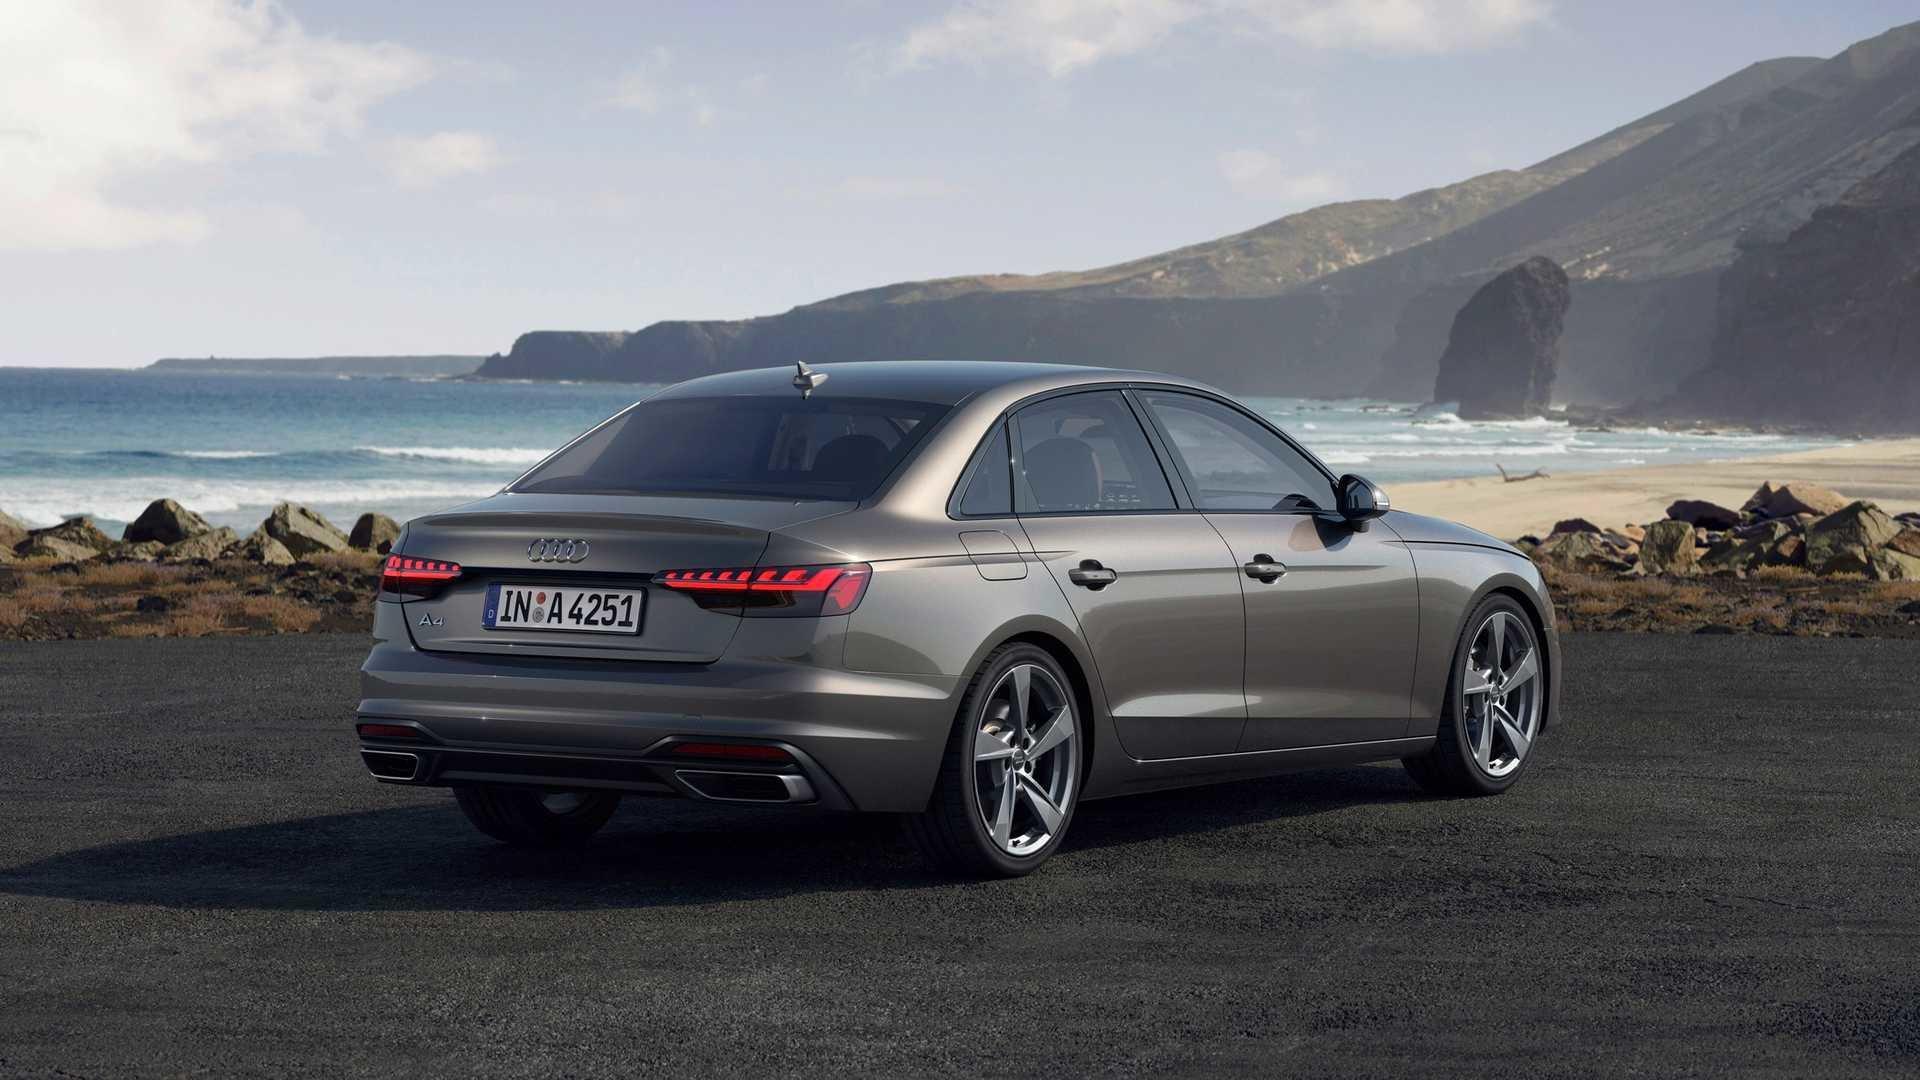 Обновленное семейство Audi A4 больше изменилось визуально, чем технически